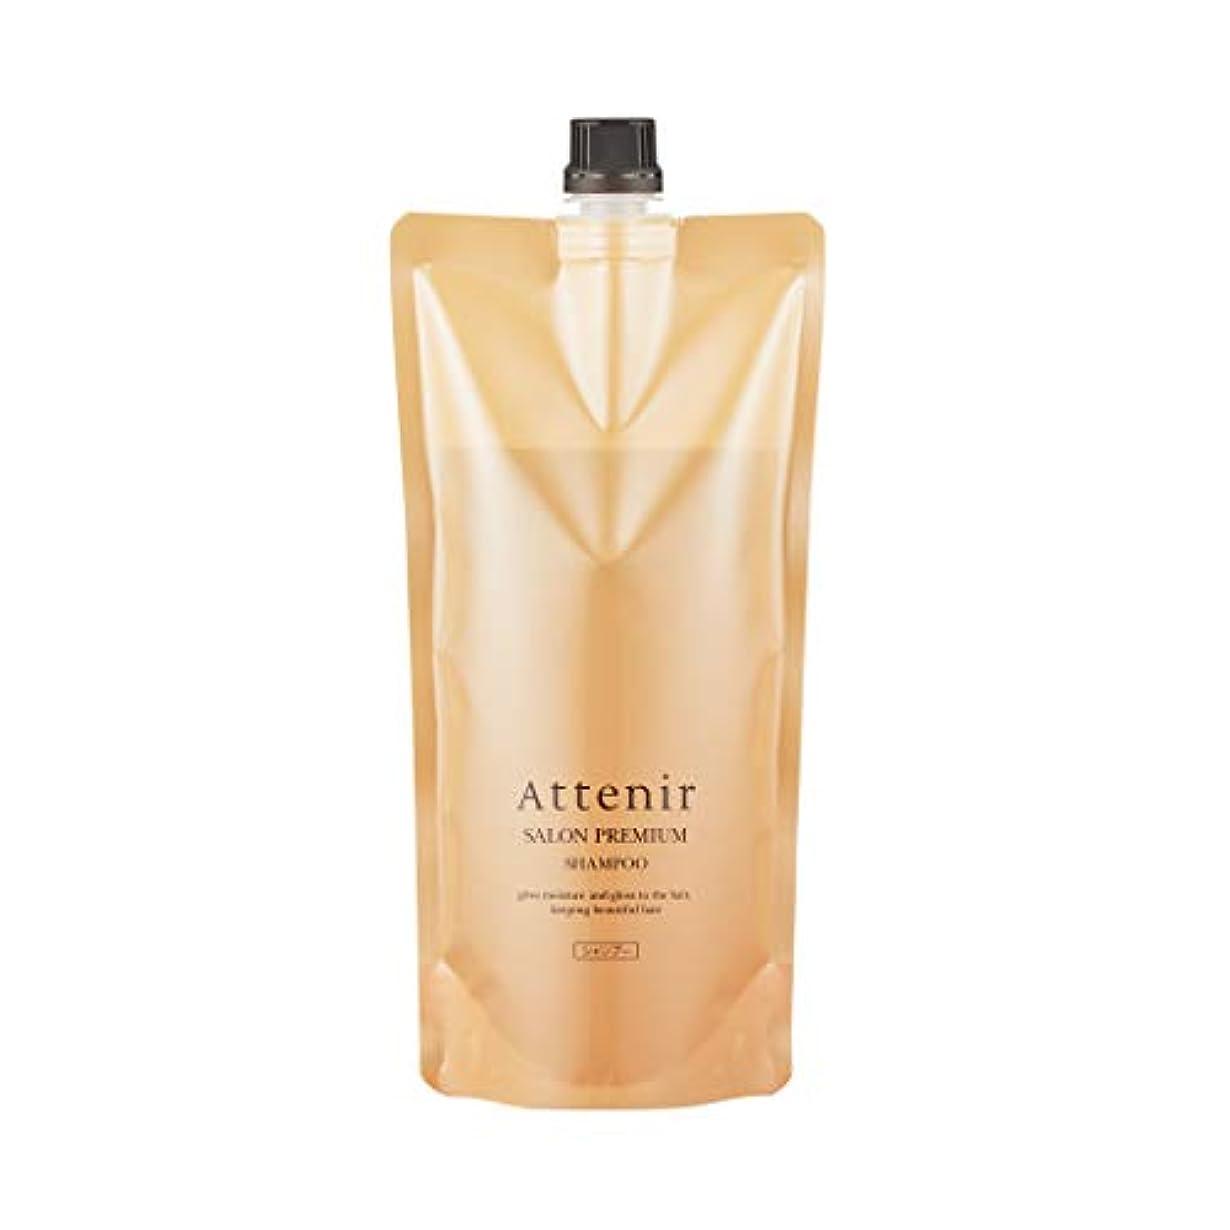 ラグクレア端アテニア サロンプレミアム シャンプー グランフローラルの香り レフィル <詰替用> 500ml 毛髪補強成分配合